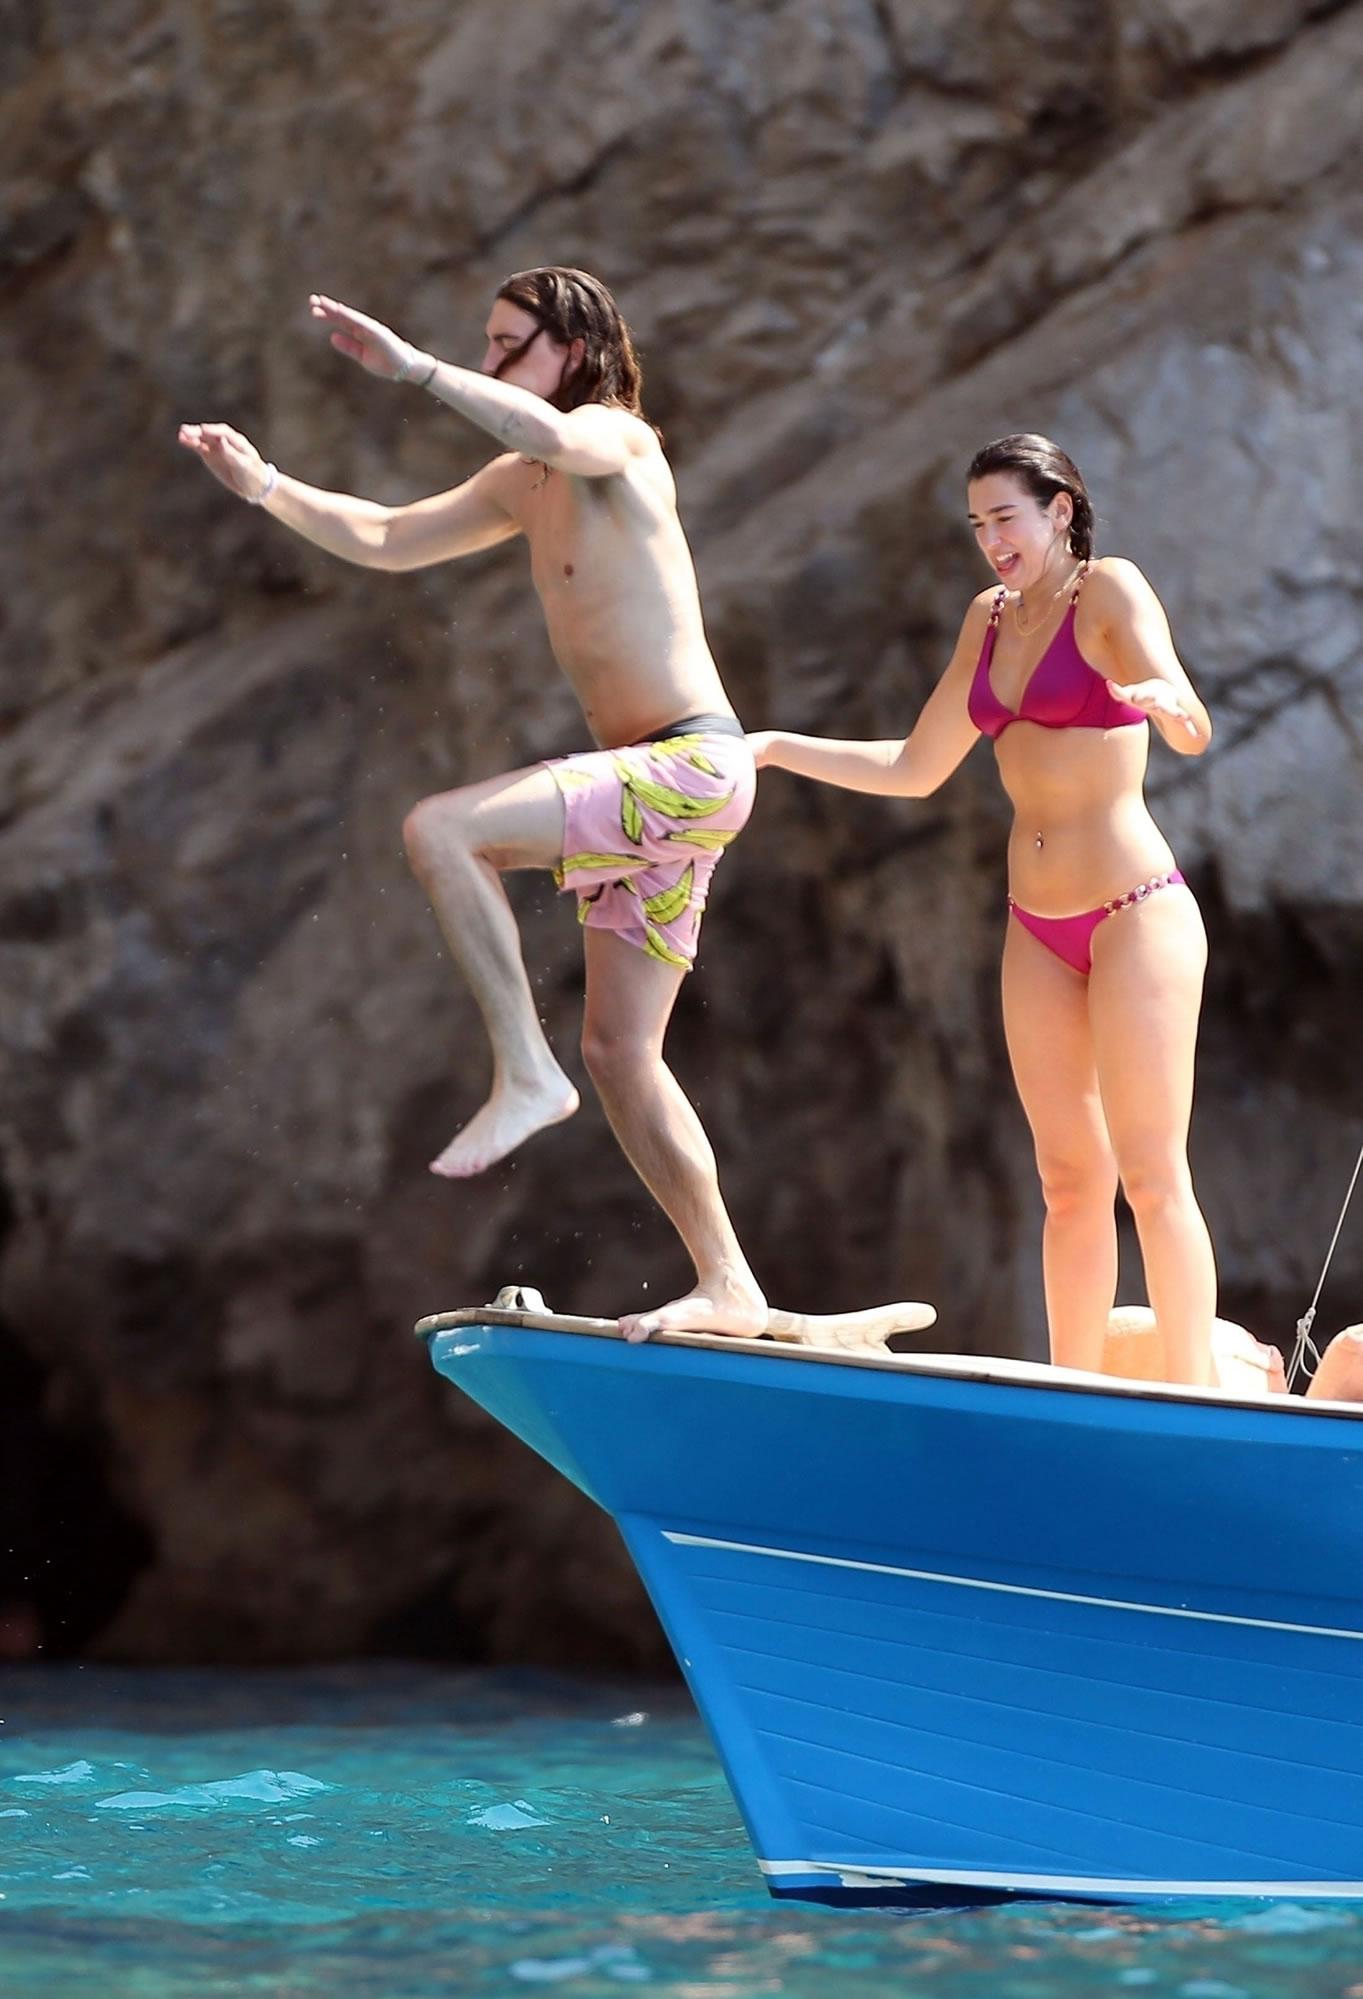 Dua Lipa's Hot Bikini Photos - Barnorama